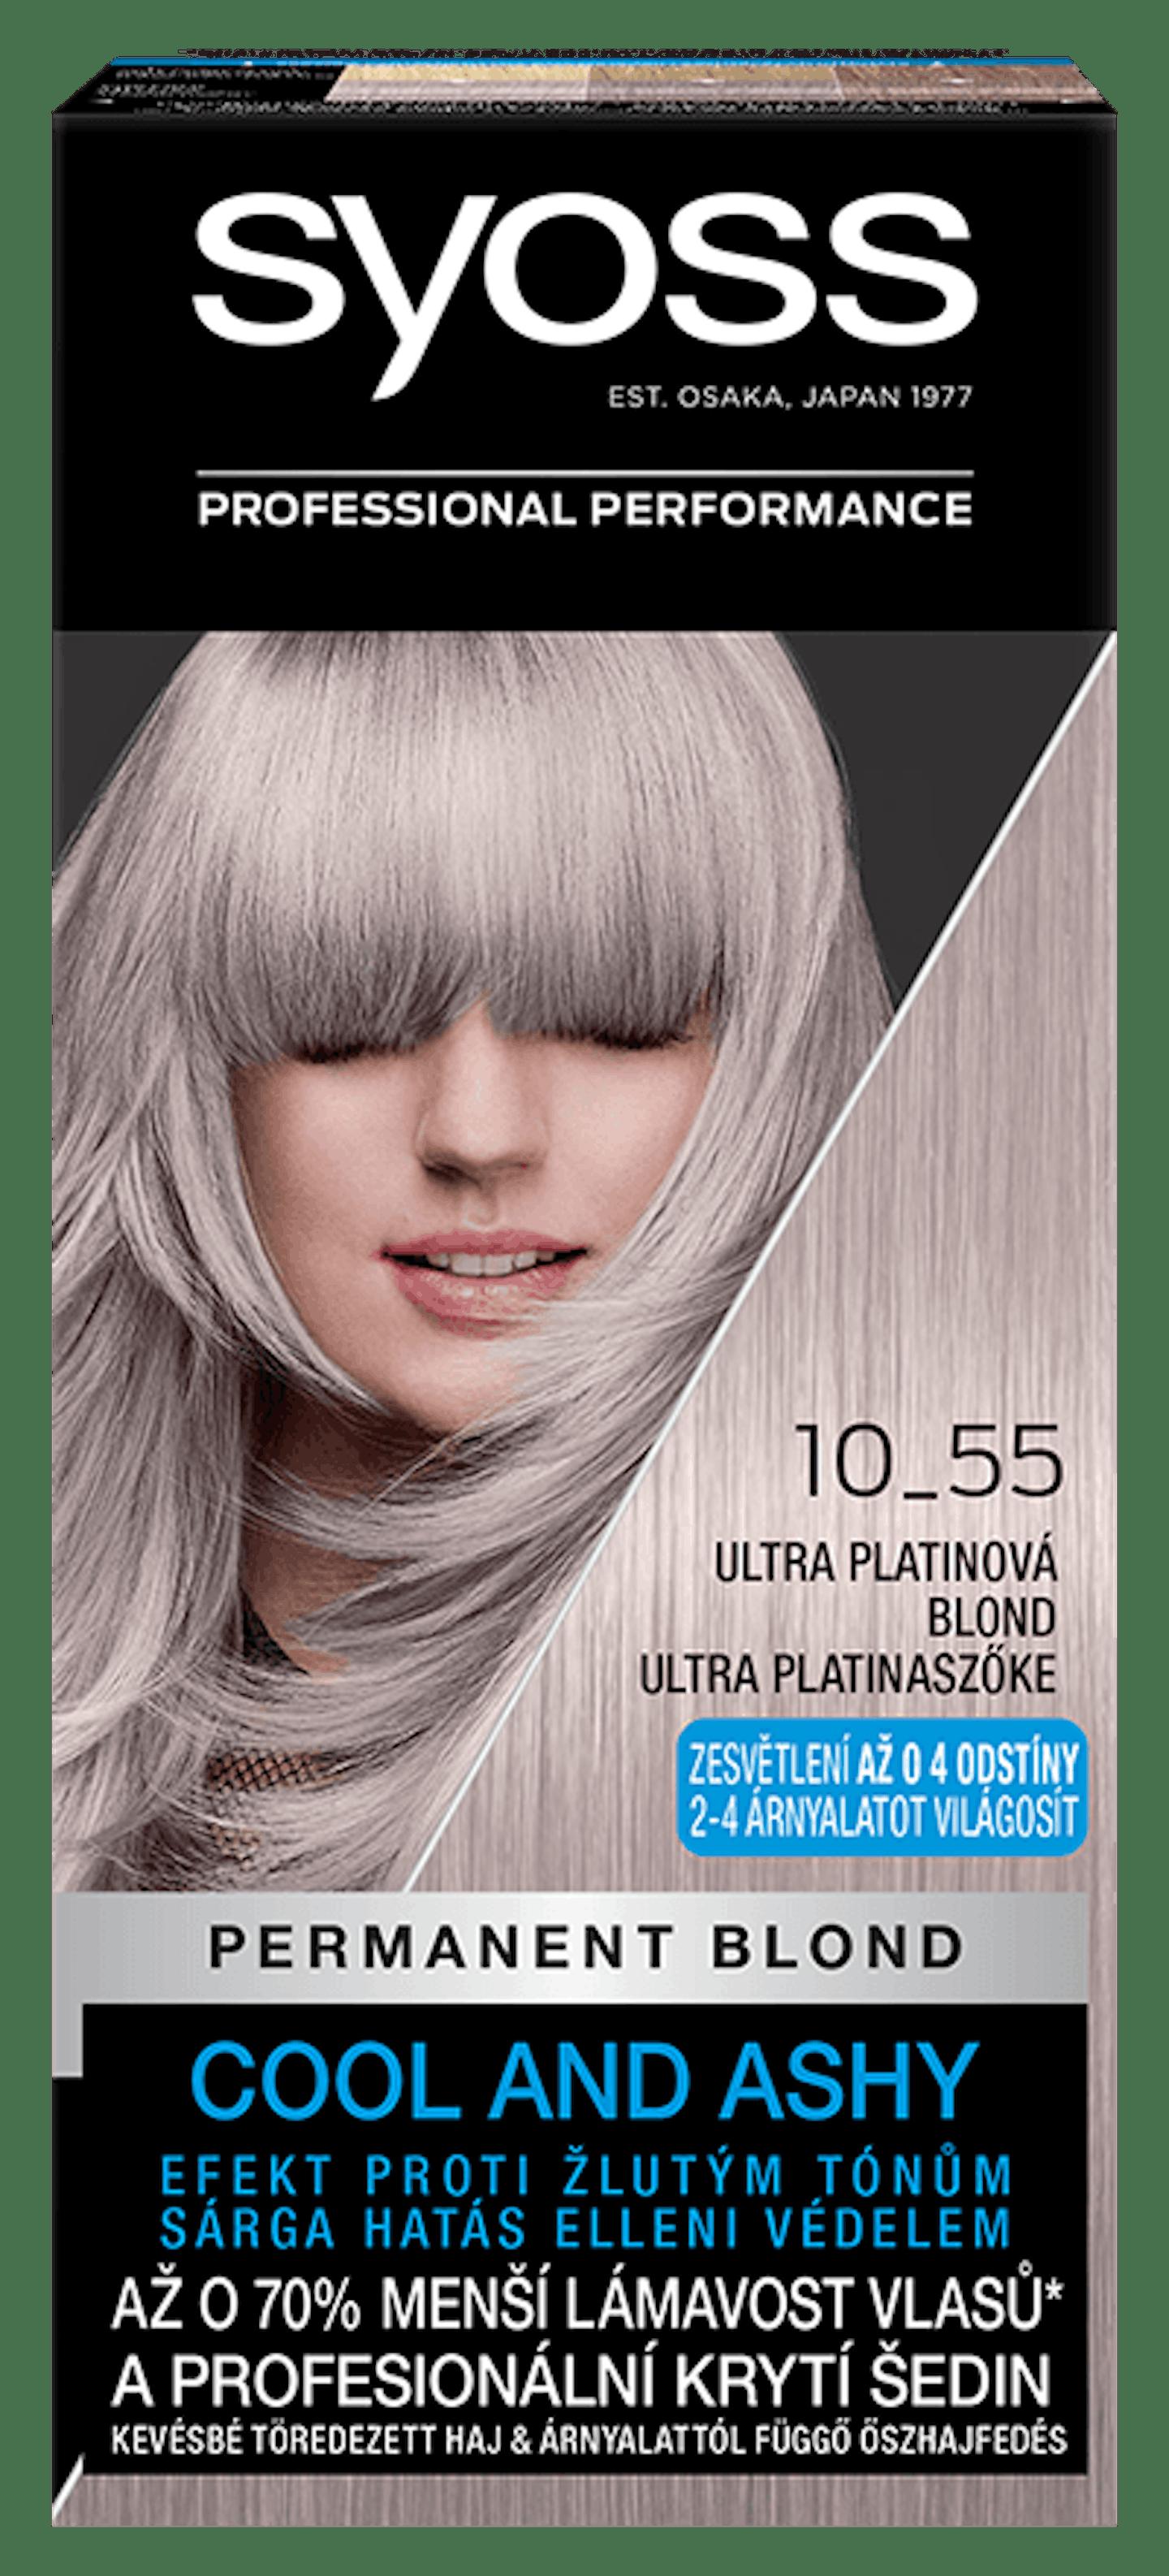 Permanentní barva Ultra platinová blond 10_55